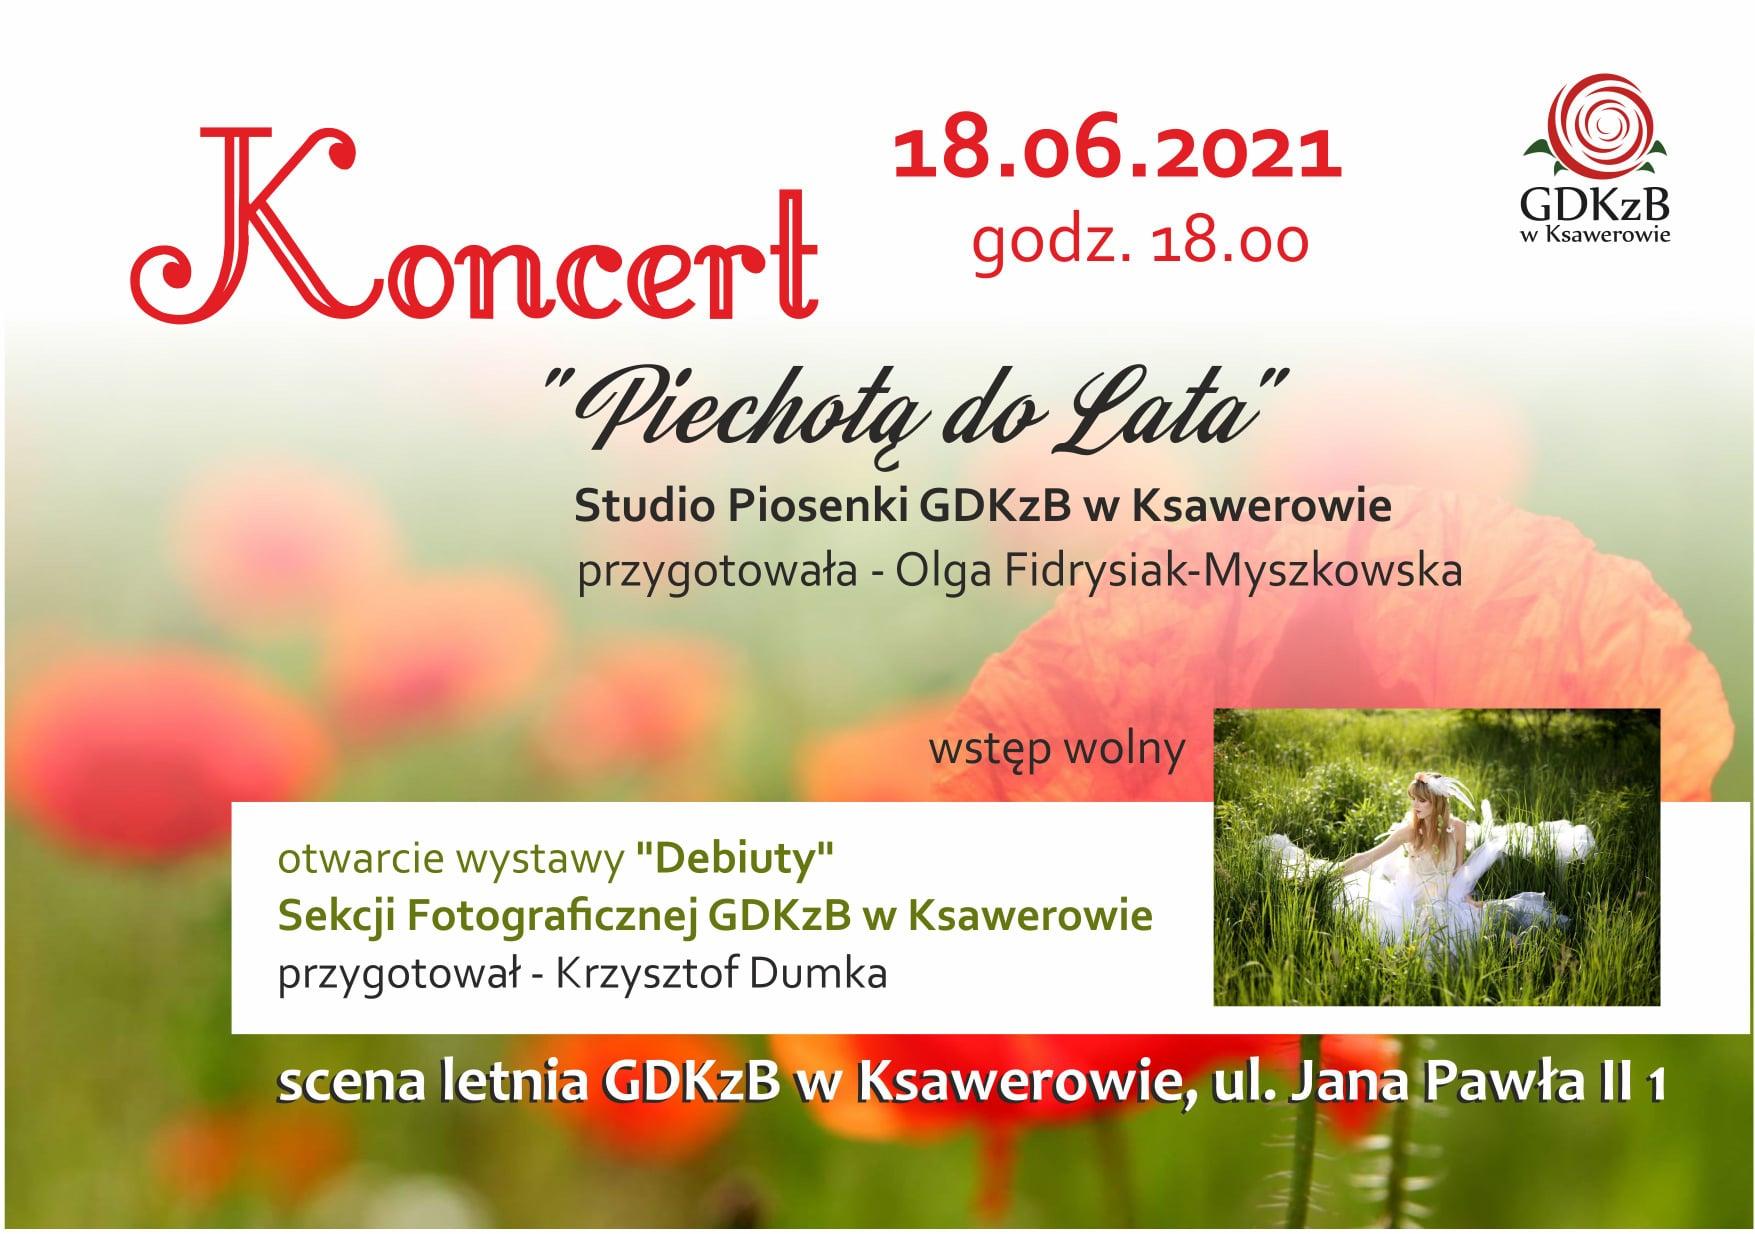 """Koncert """"Piechotą do lata"""" Studio Piosenki przygotowała Olga Fidrysiak Myszkowska.Wstęp wolny. Koncert w dniu 18.06. godz. 18:00"""